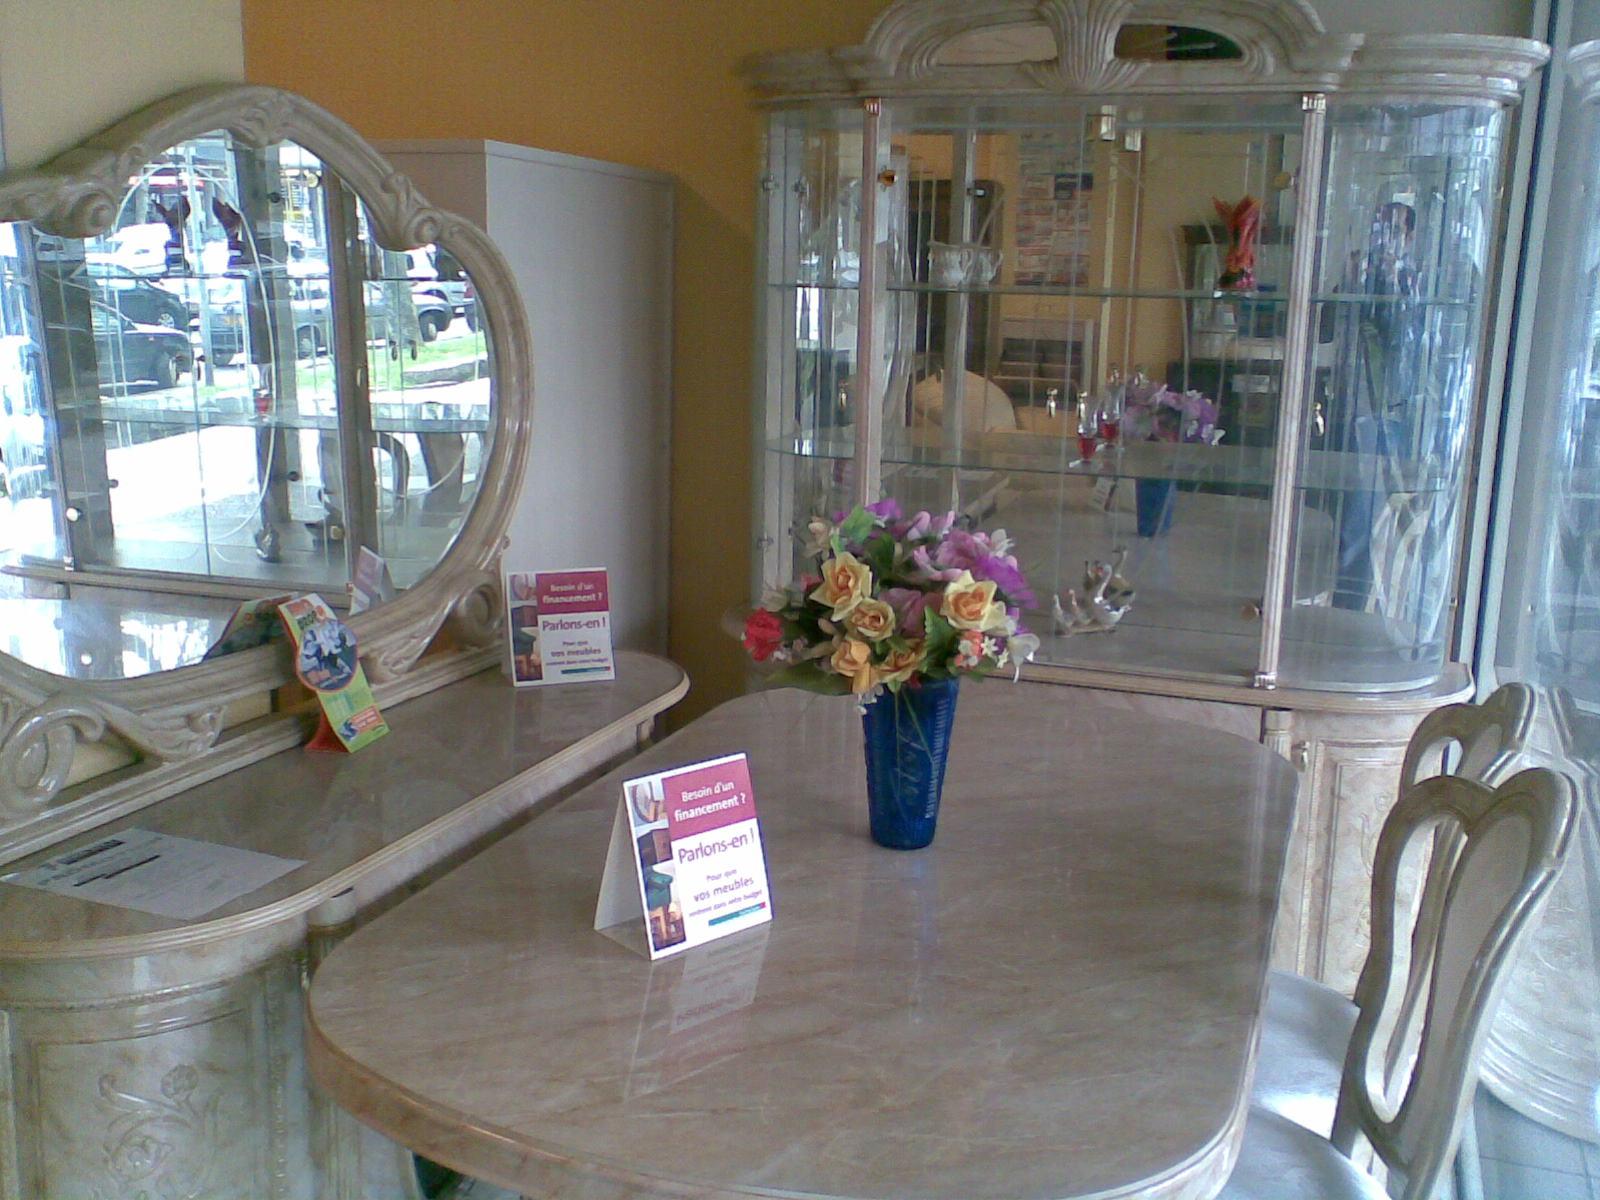 Salle A Manger Meubles Salons Literies Tapis En Ile De France